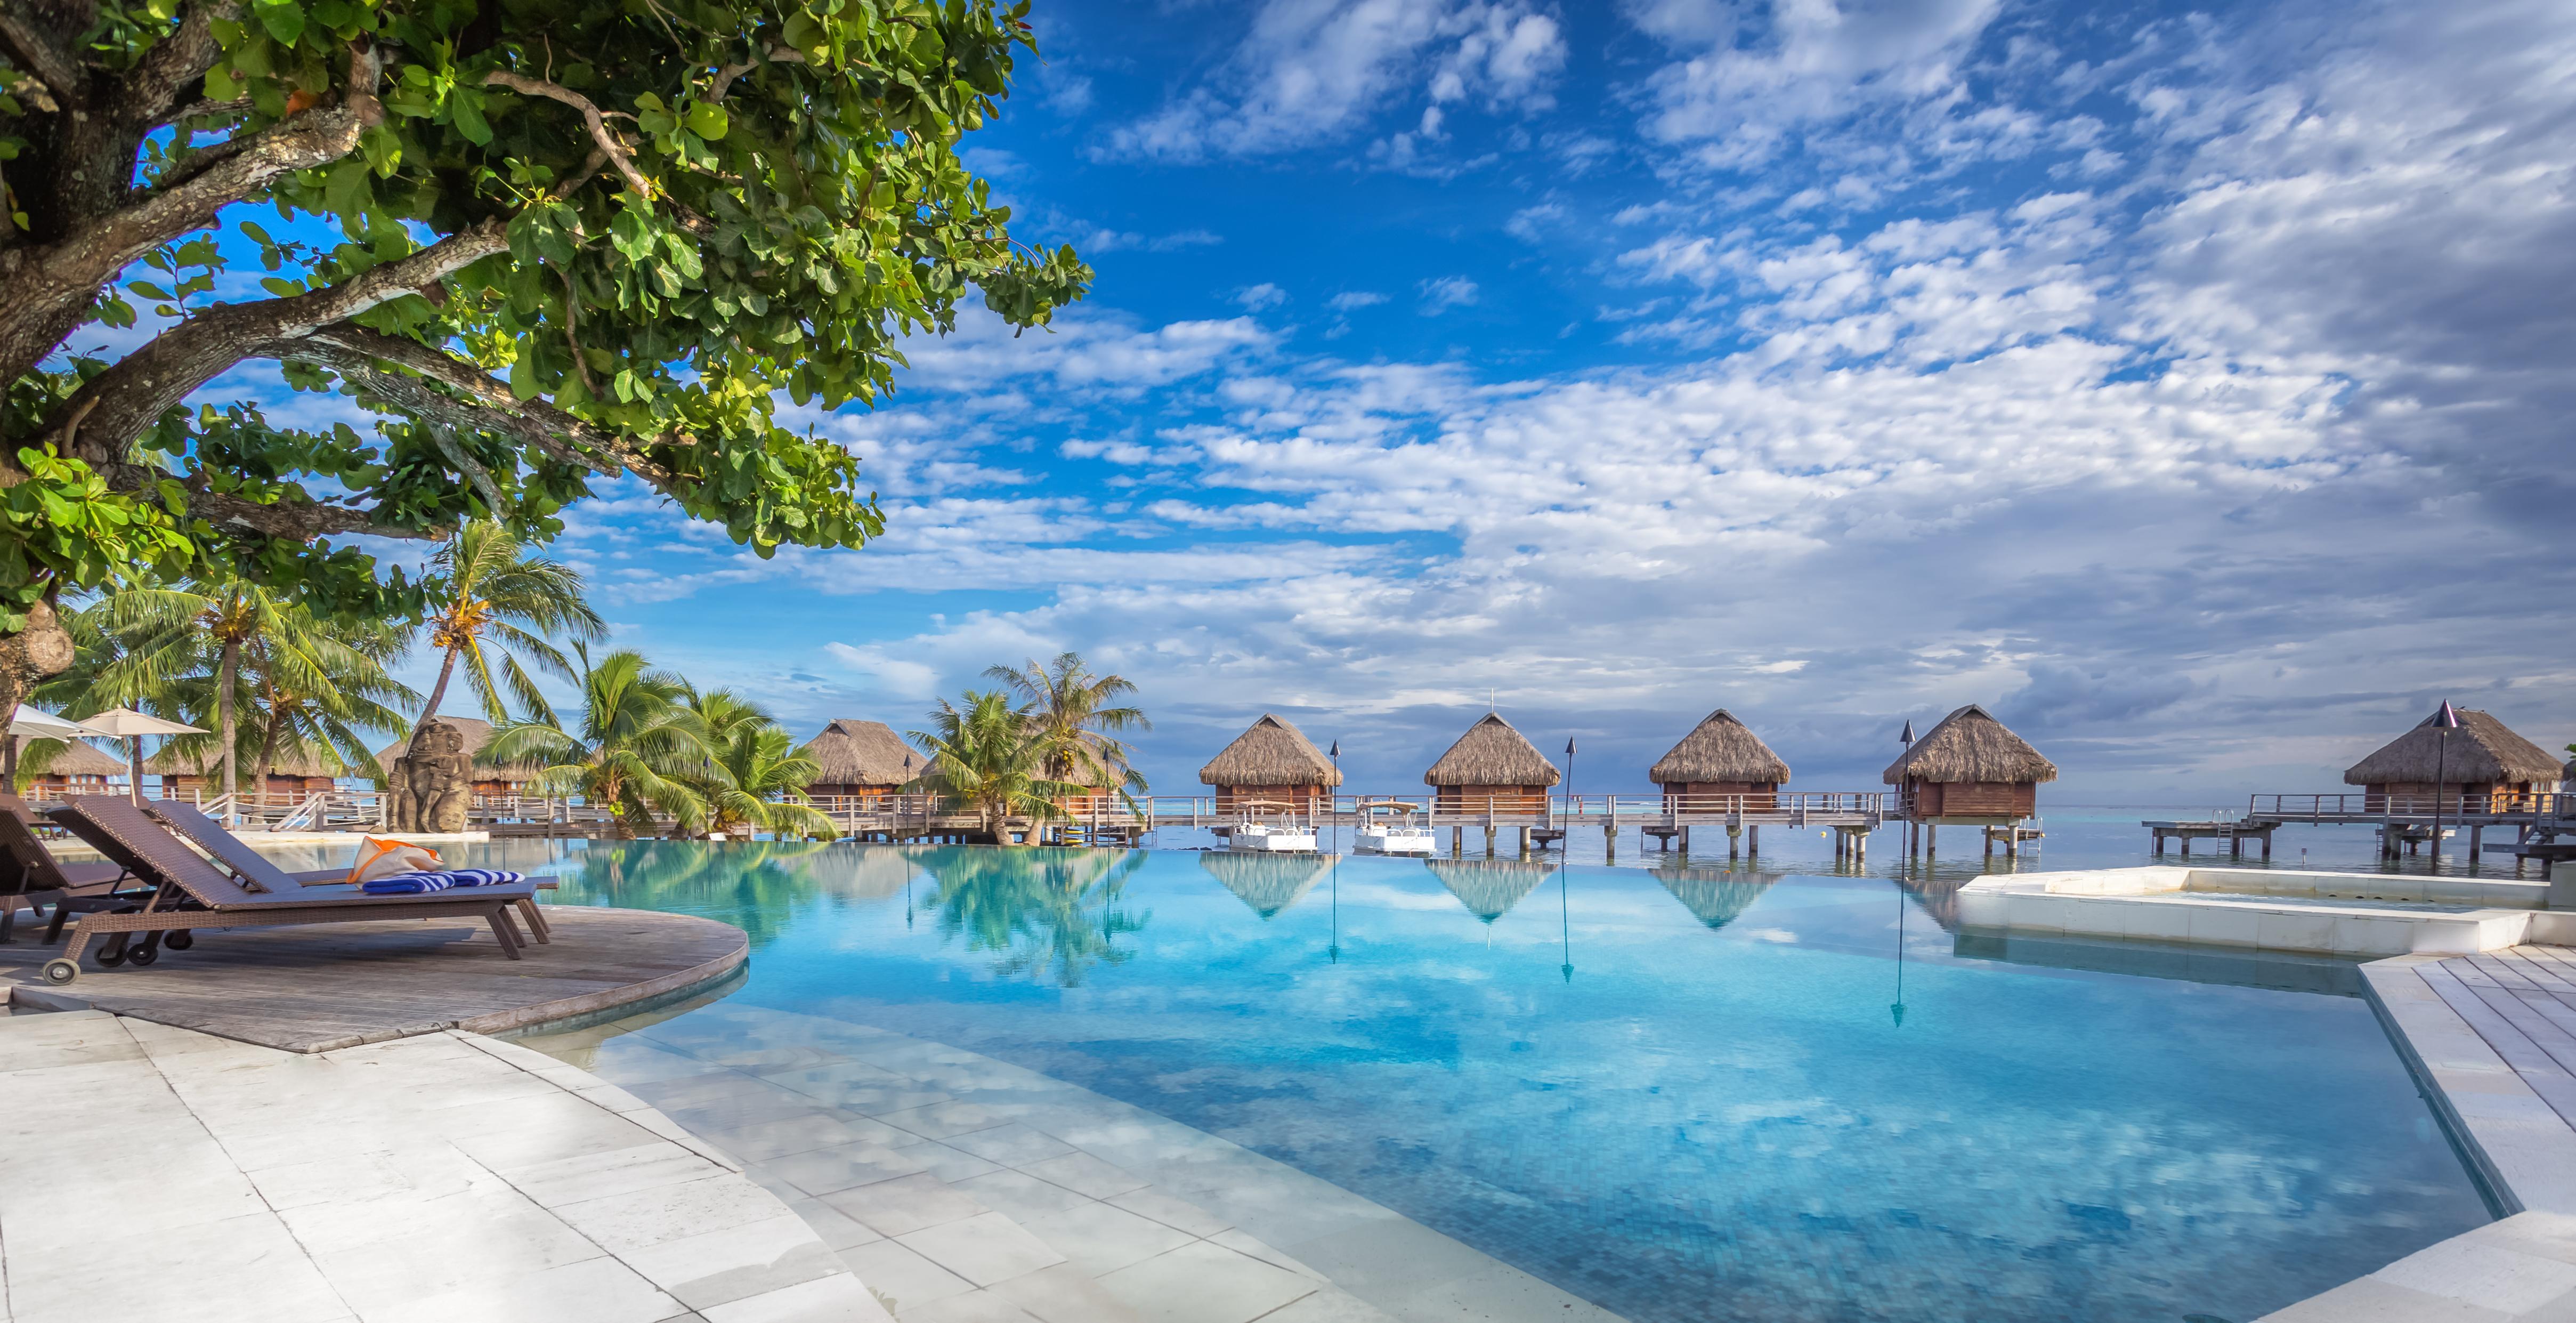 https://tahititourisme.ca/wp-content/uploads/2017/08/HEBERGEMENT-Manava-Beach-Resort-and-Spa-Moorea-1-Charles_Veronese.jpg